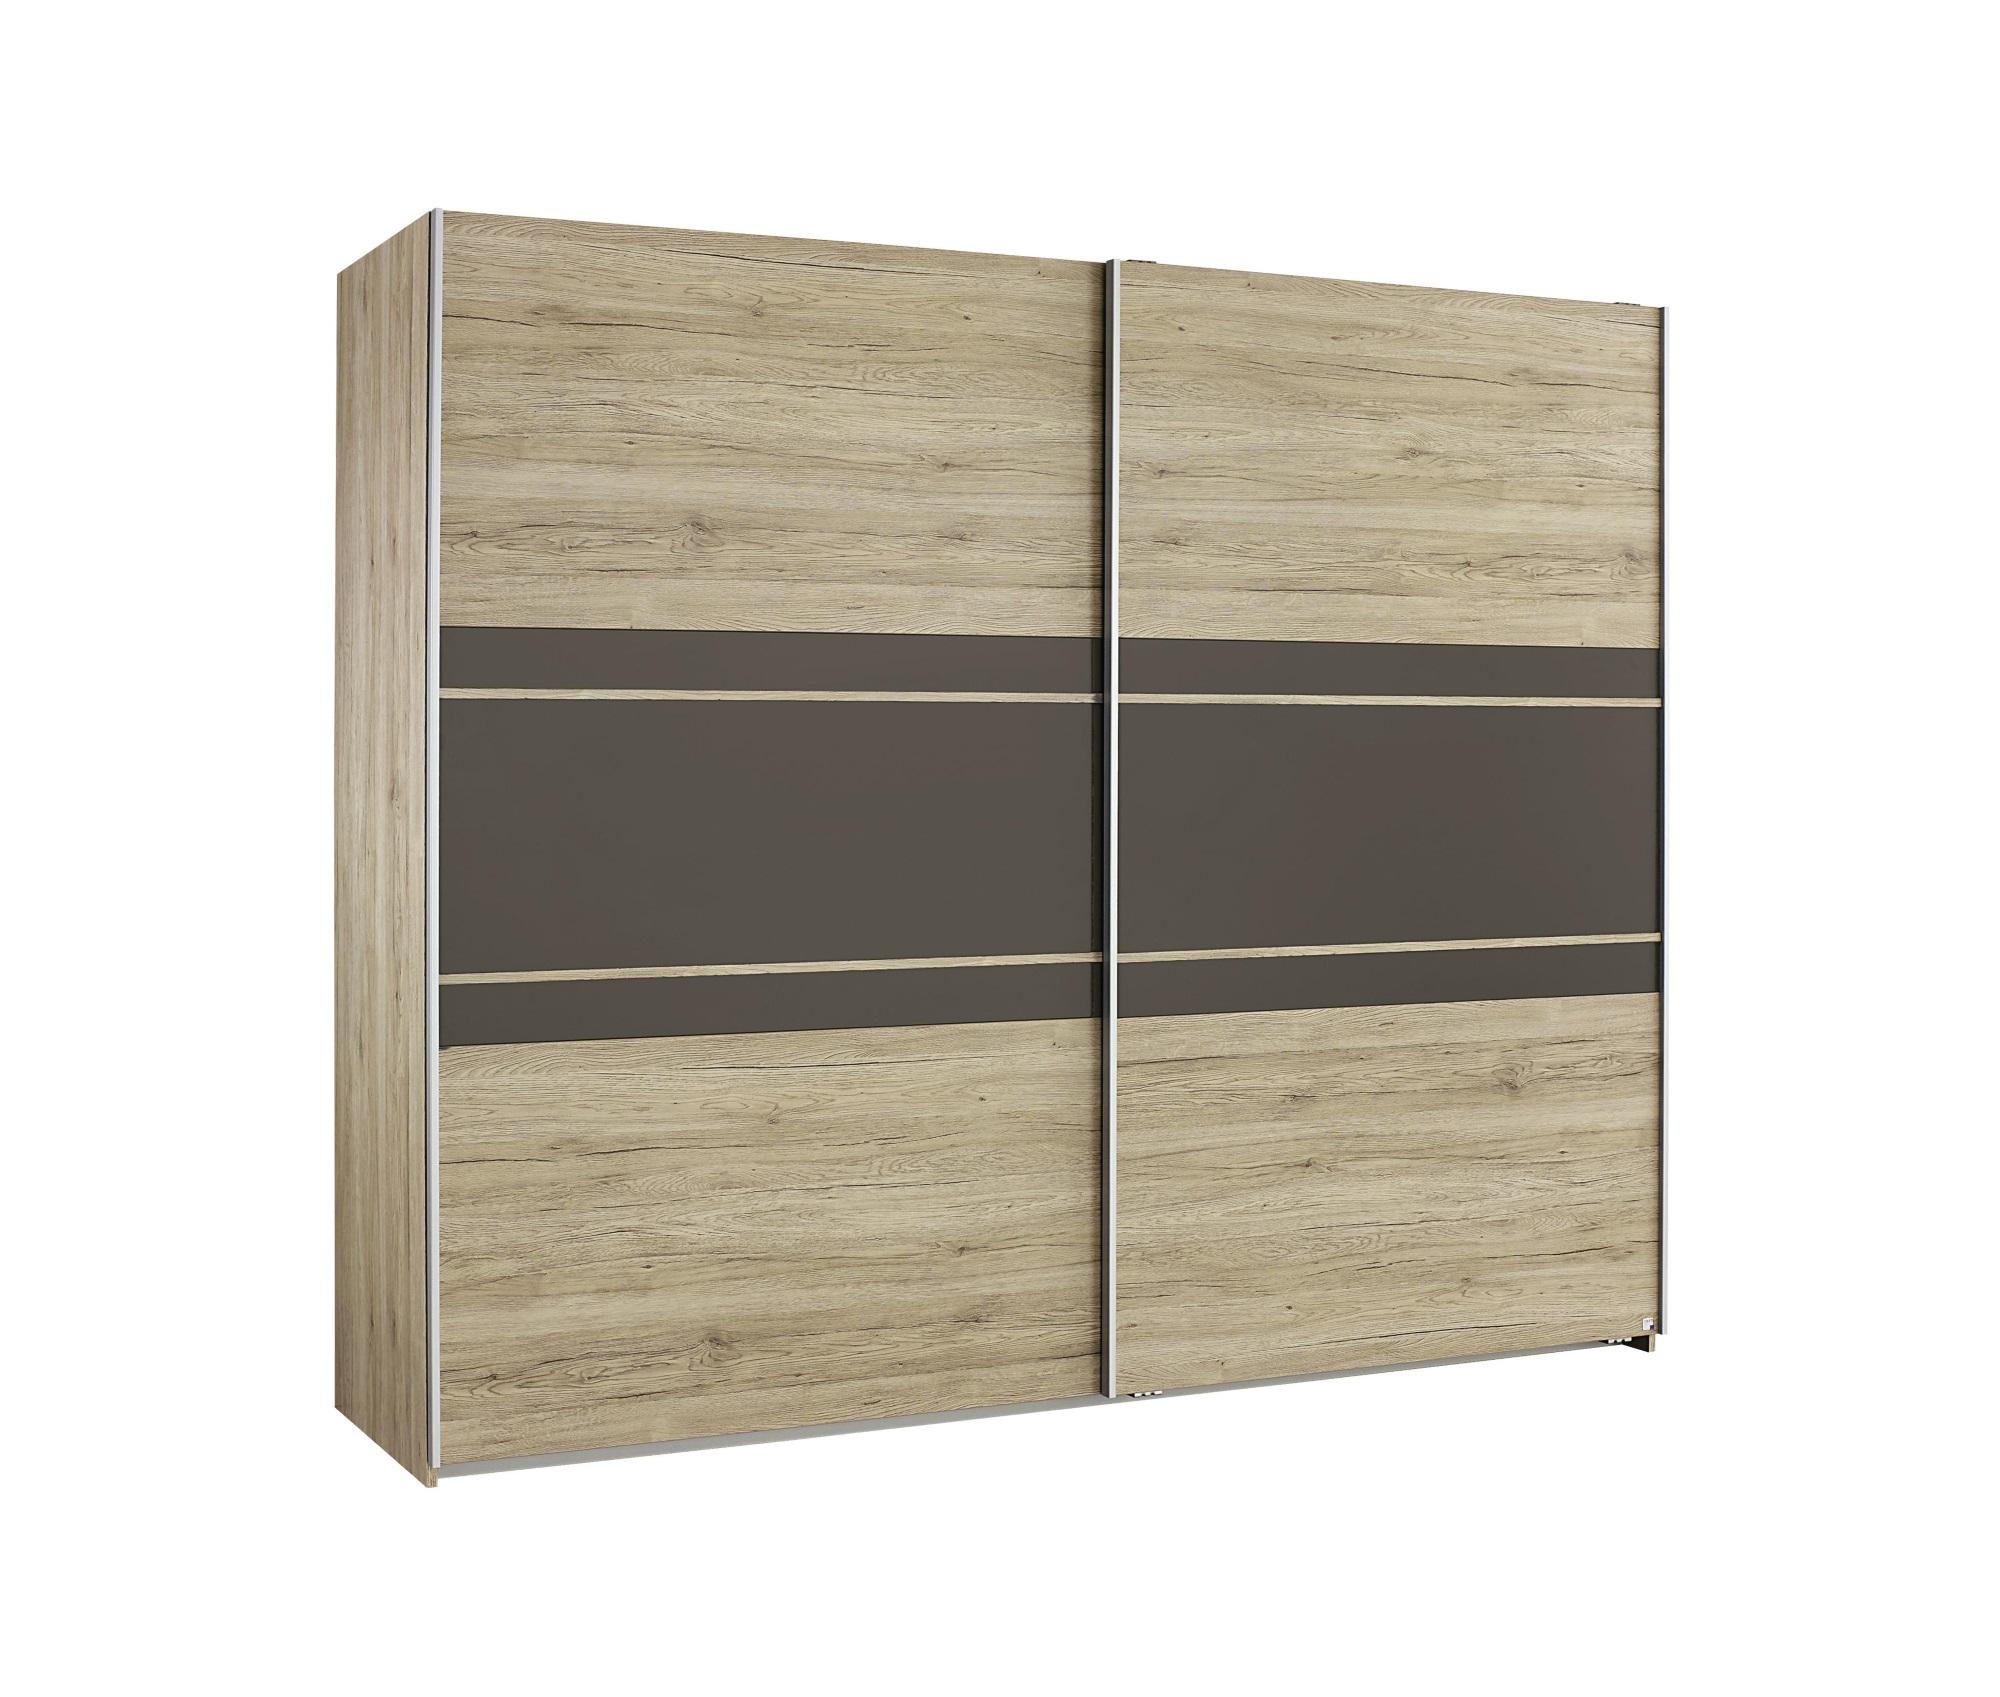 Armoire contemporaine 2 portes coulissantes 261 cm chêne/lavagrau Marcello